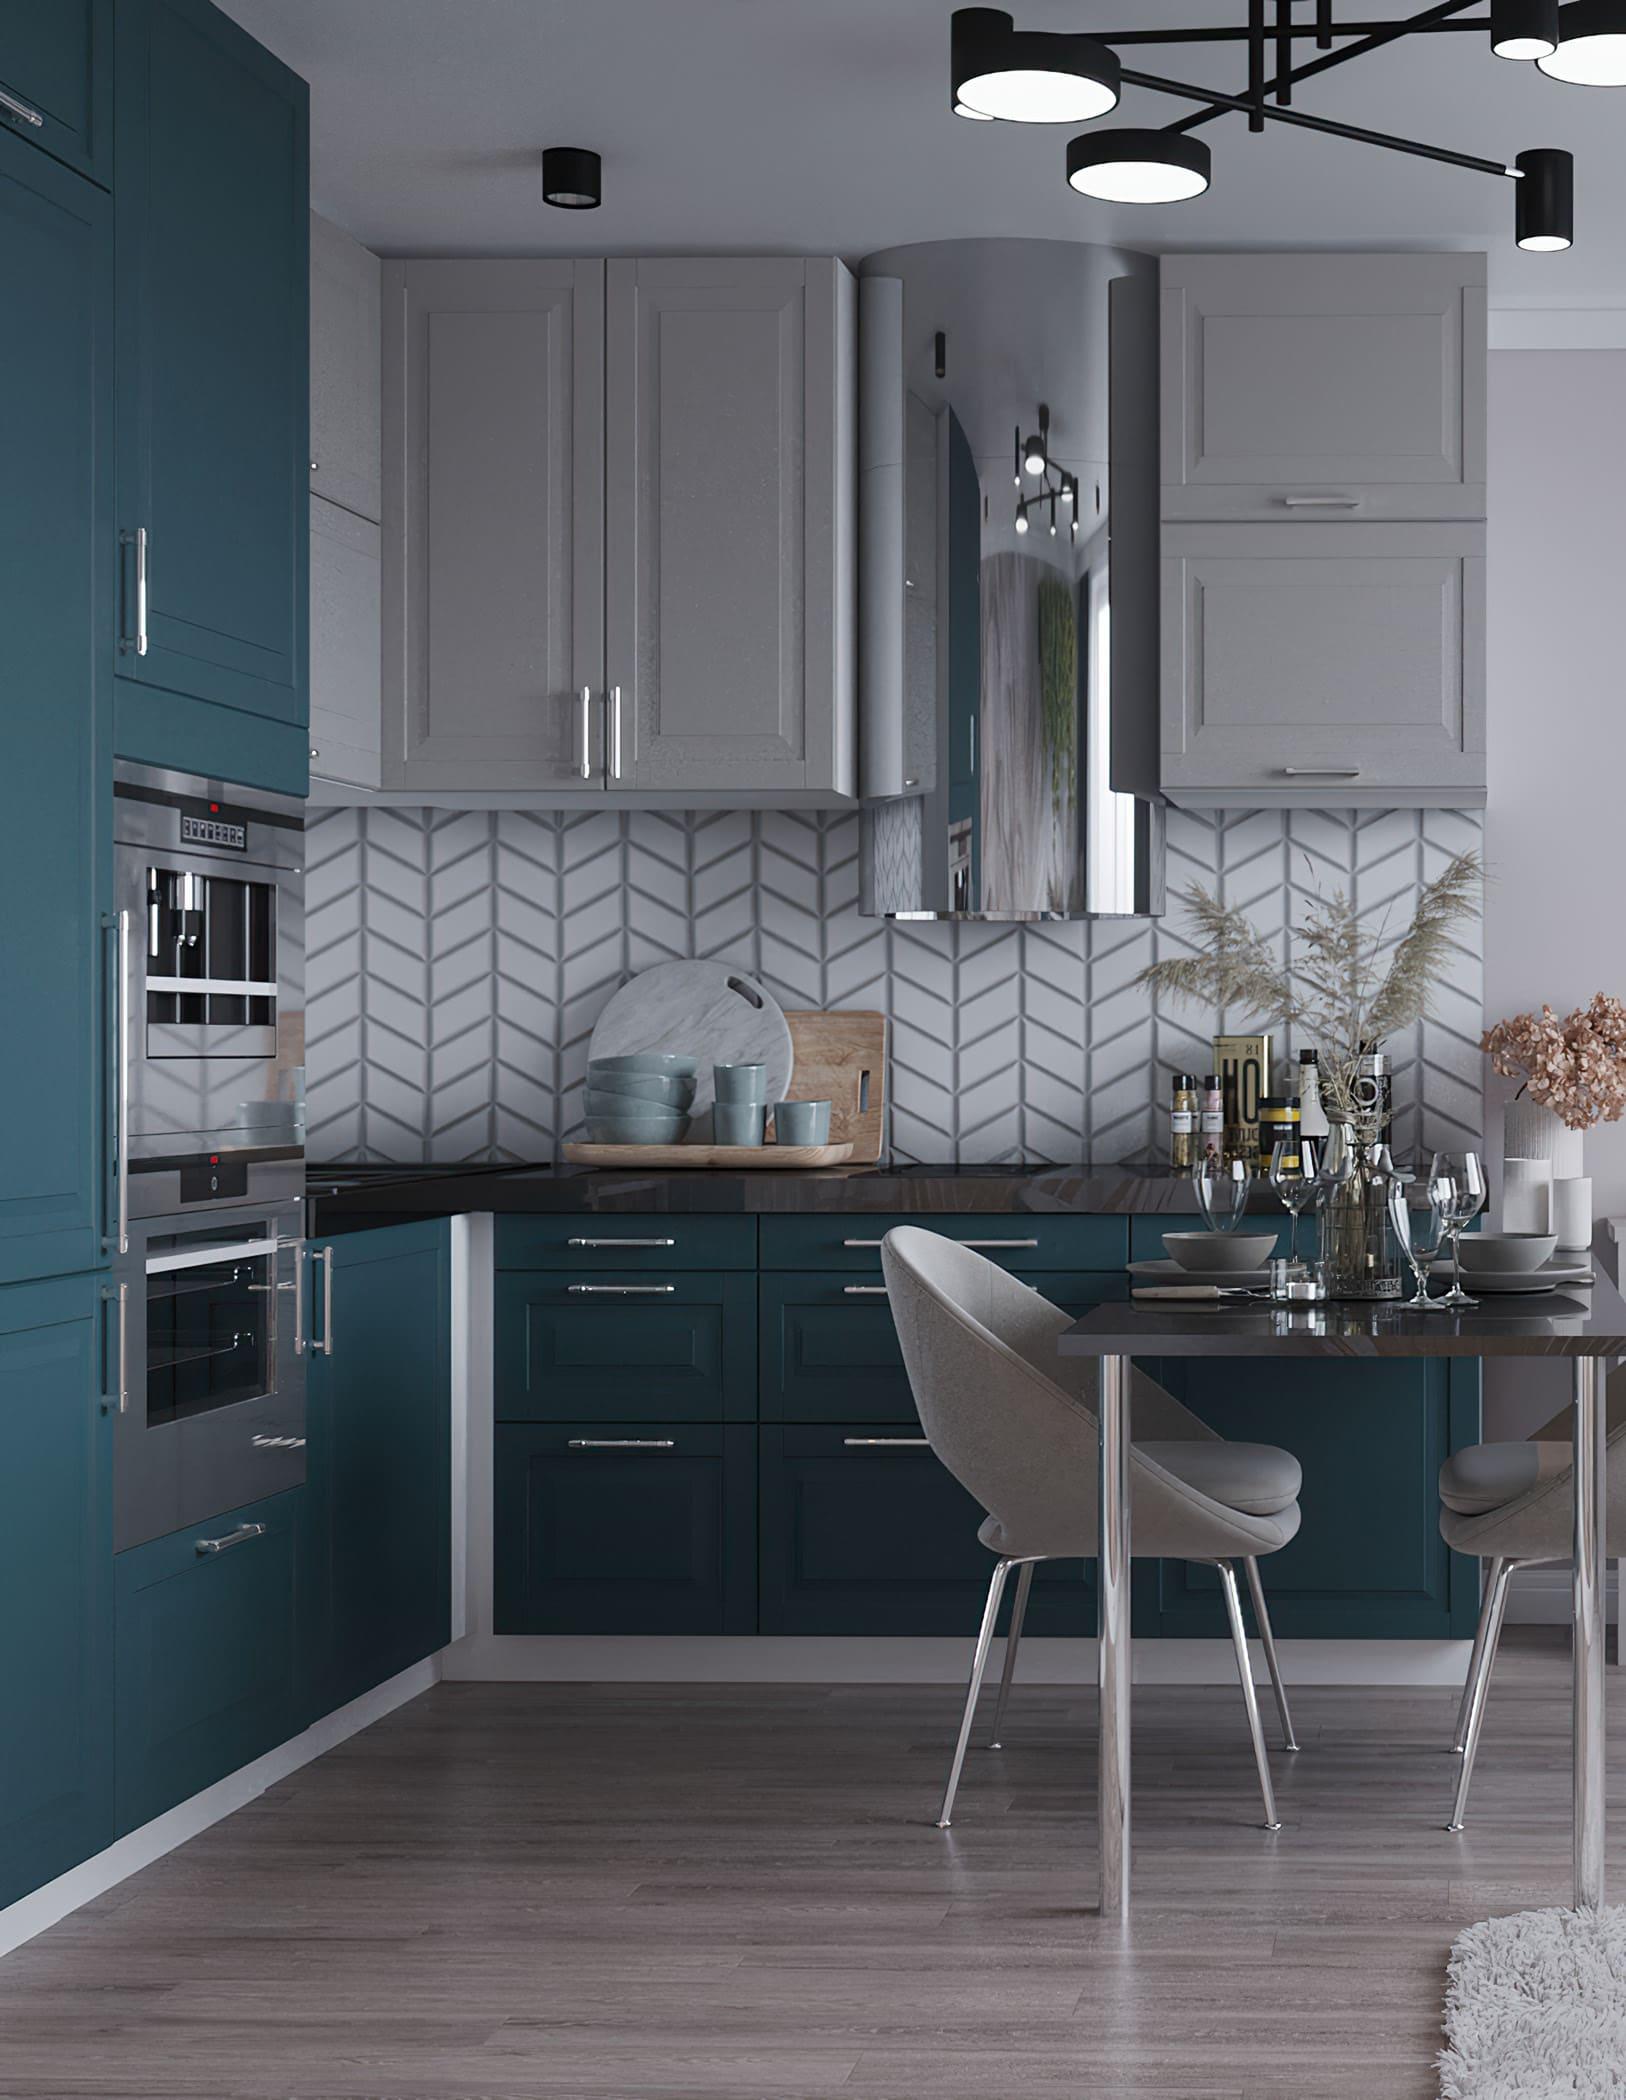 La hotte aspirante en acier chromé s'inscrit dans les tendances modernes de la décoration intérieure.